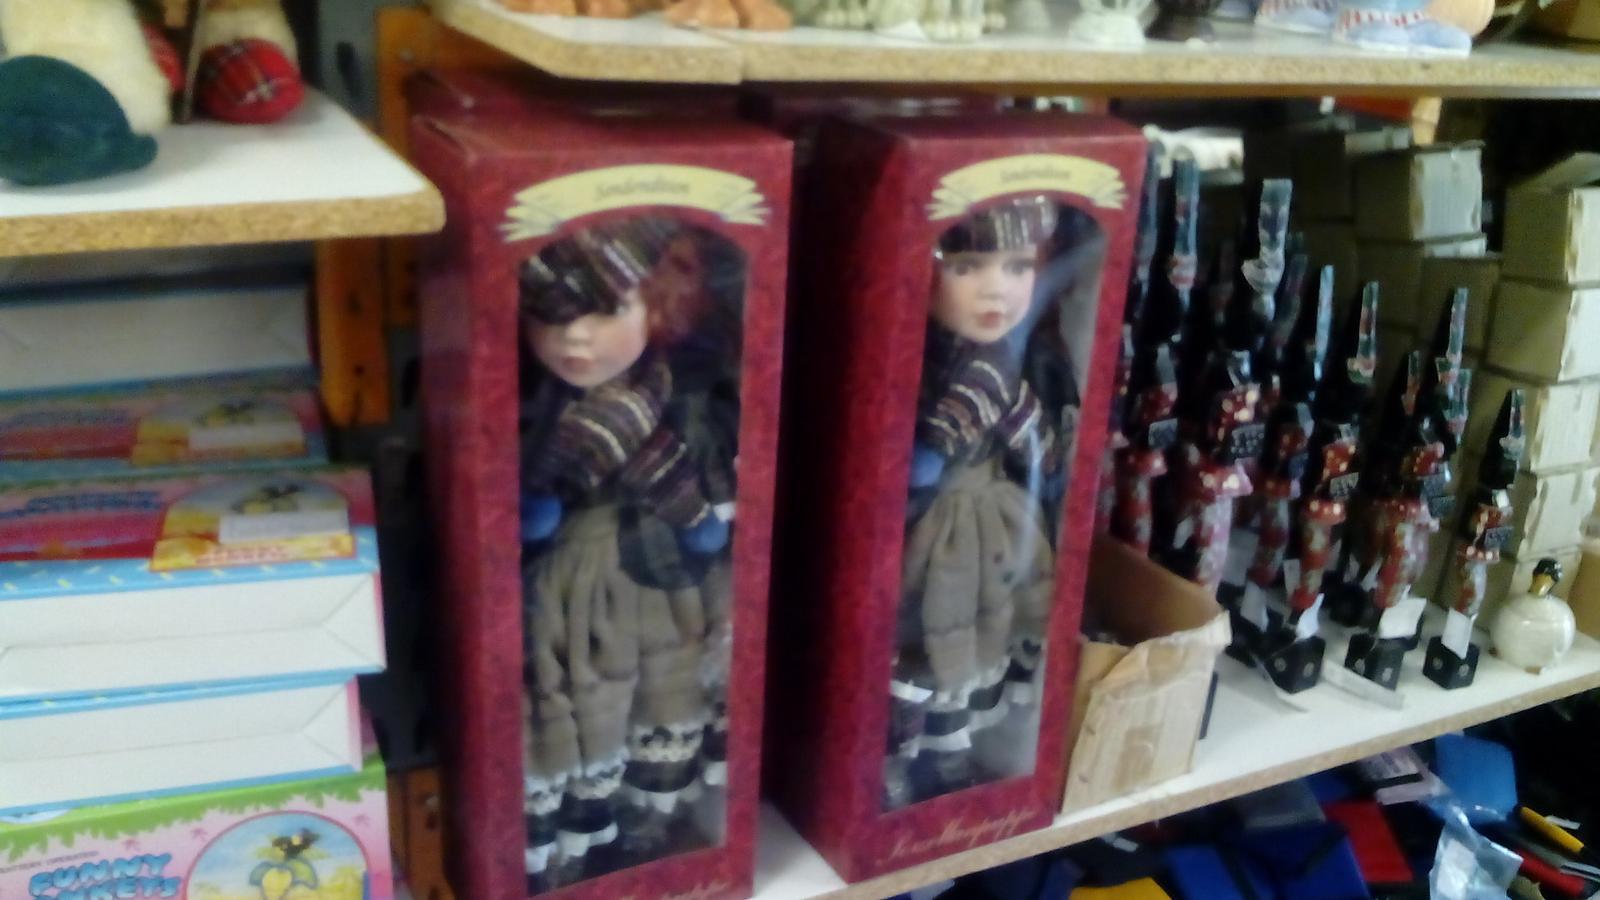 Kráľovstvo gombíkov (a aj všetkého iného) - Dnes som tam videl krásnu 45cm vysokú bábiku s porcelánovou hlavou za púhych 10€. Strašne dlho som pri nej stál a rozmýšľal, či ju kúpiť, alebo nie, ale nakoniec som ju nekúpil. Potrebujem sa mojej zbierky zbaviť a nie ju ešte rozširovať.